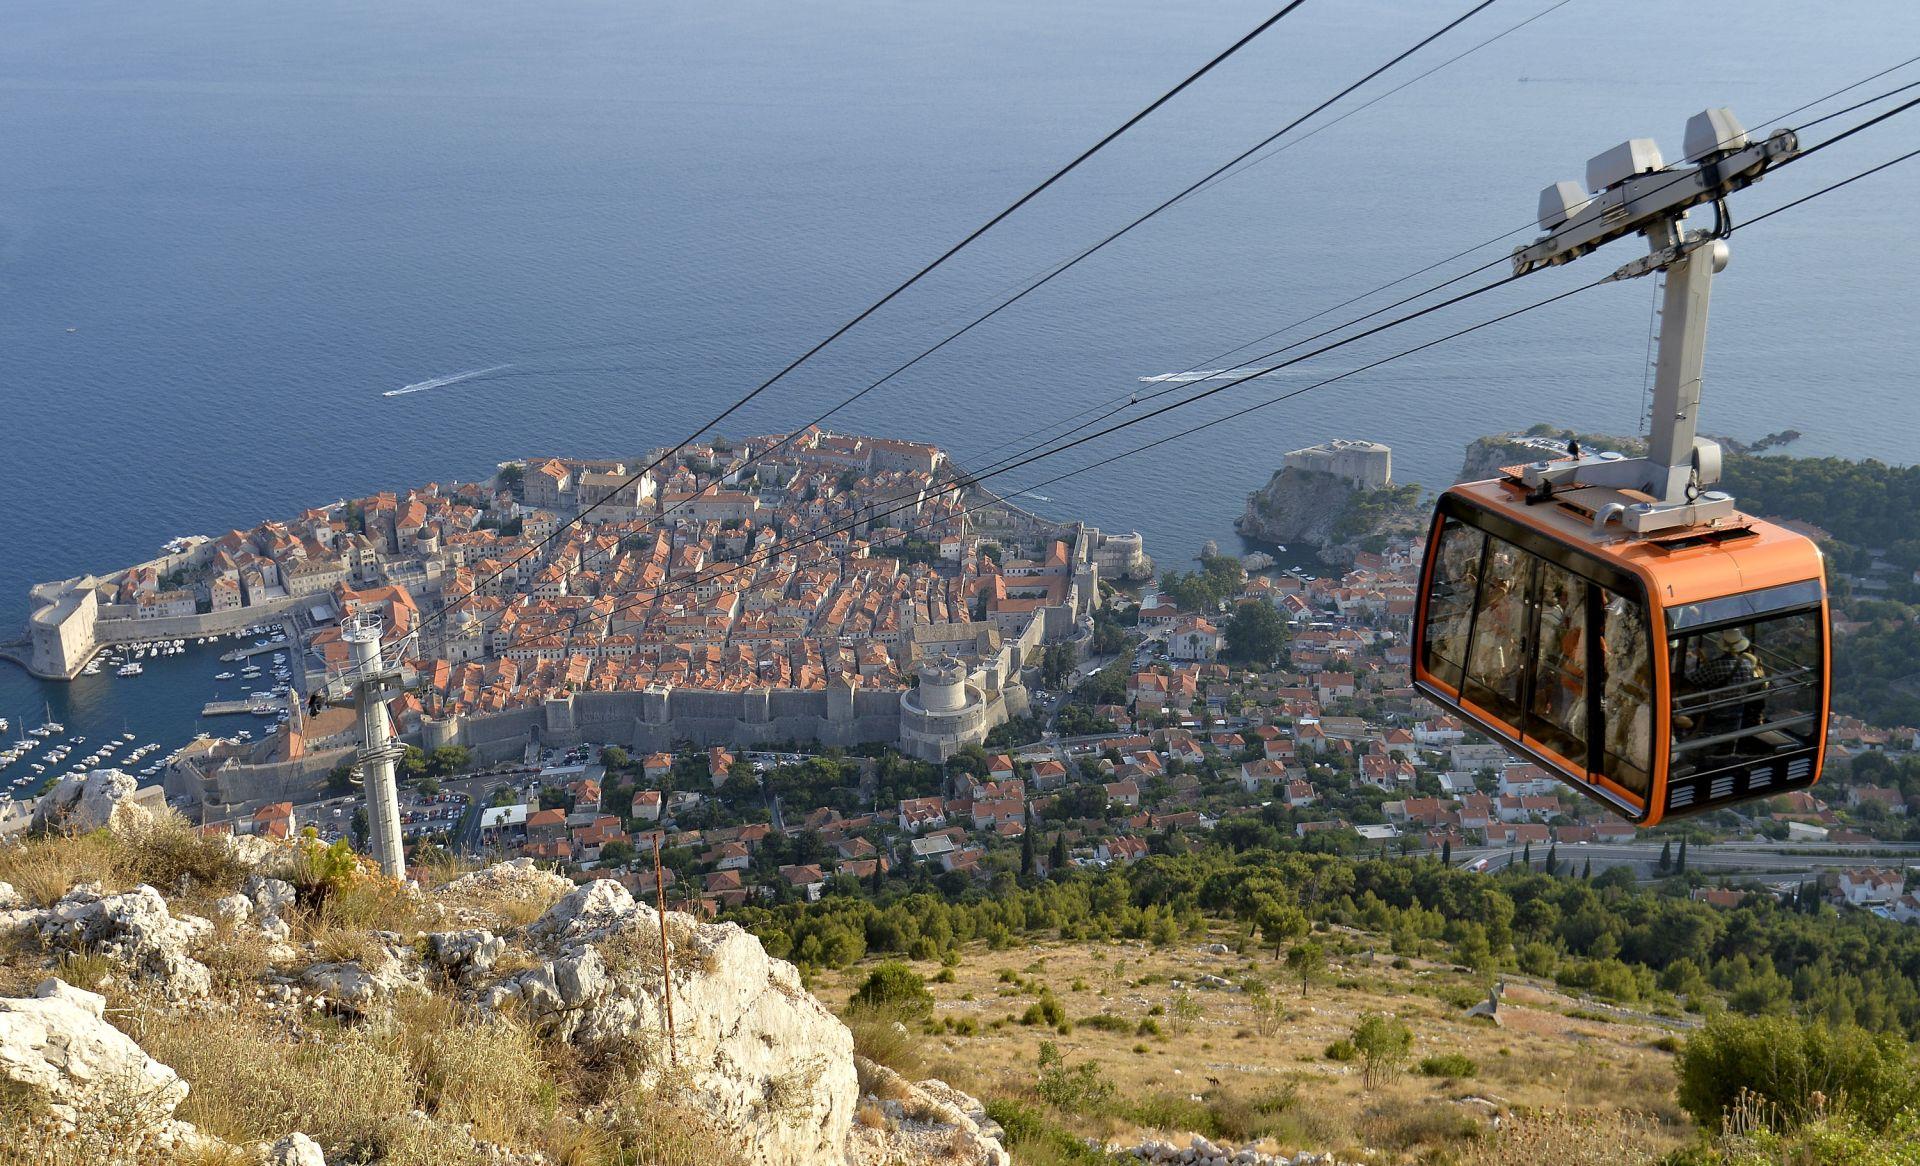 POTPISAN SPORAZUM: Primorsko-goranska županija sufinancira izgradnju žičare na Učki